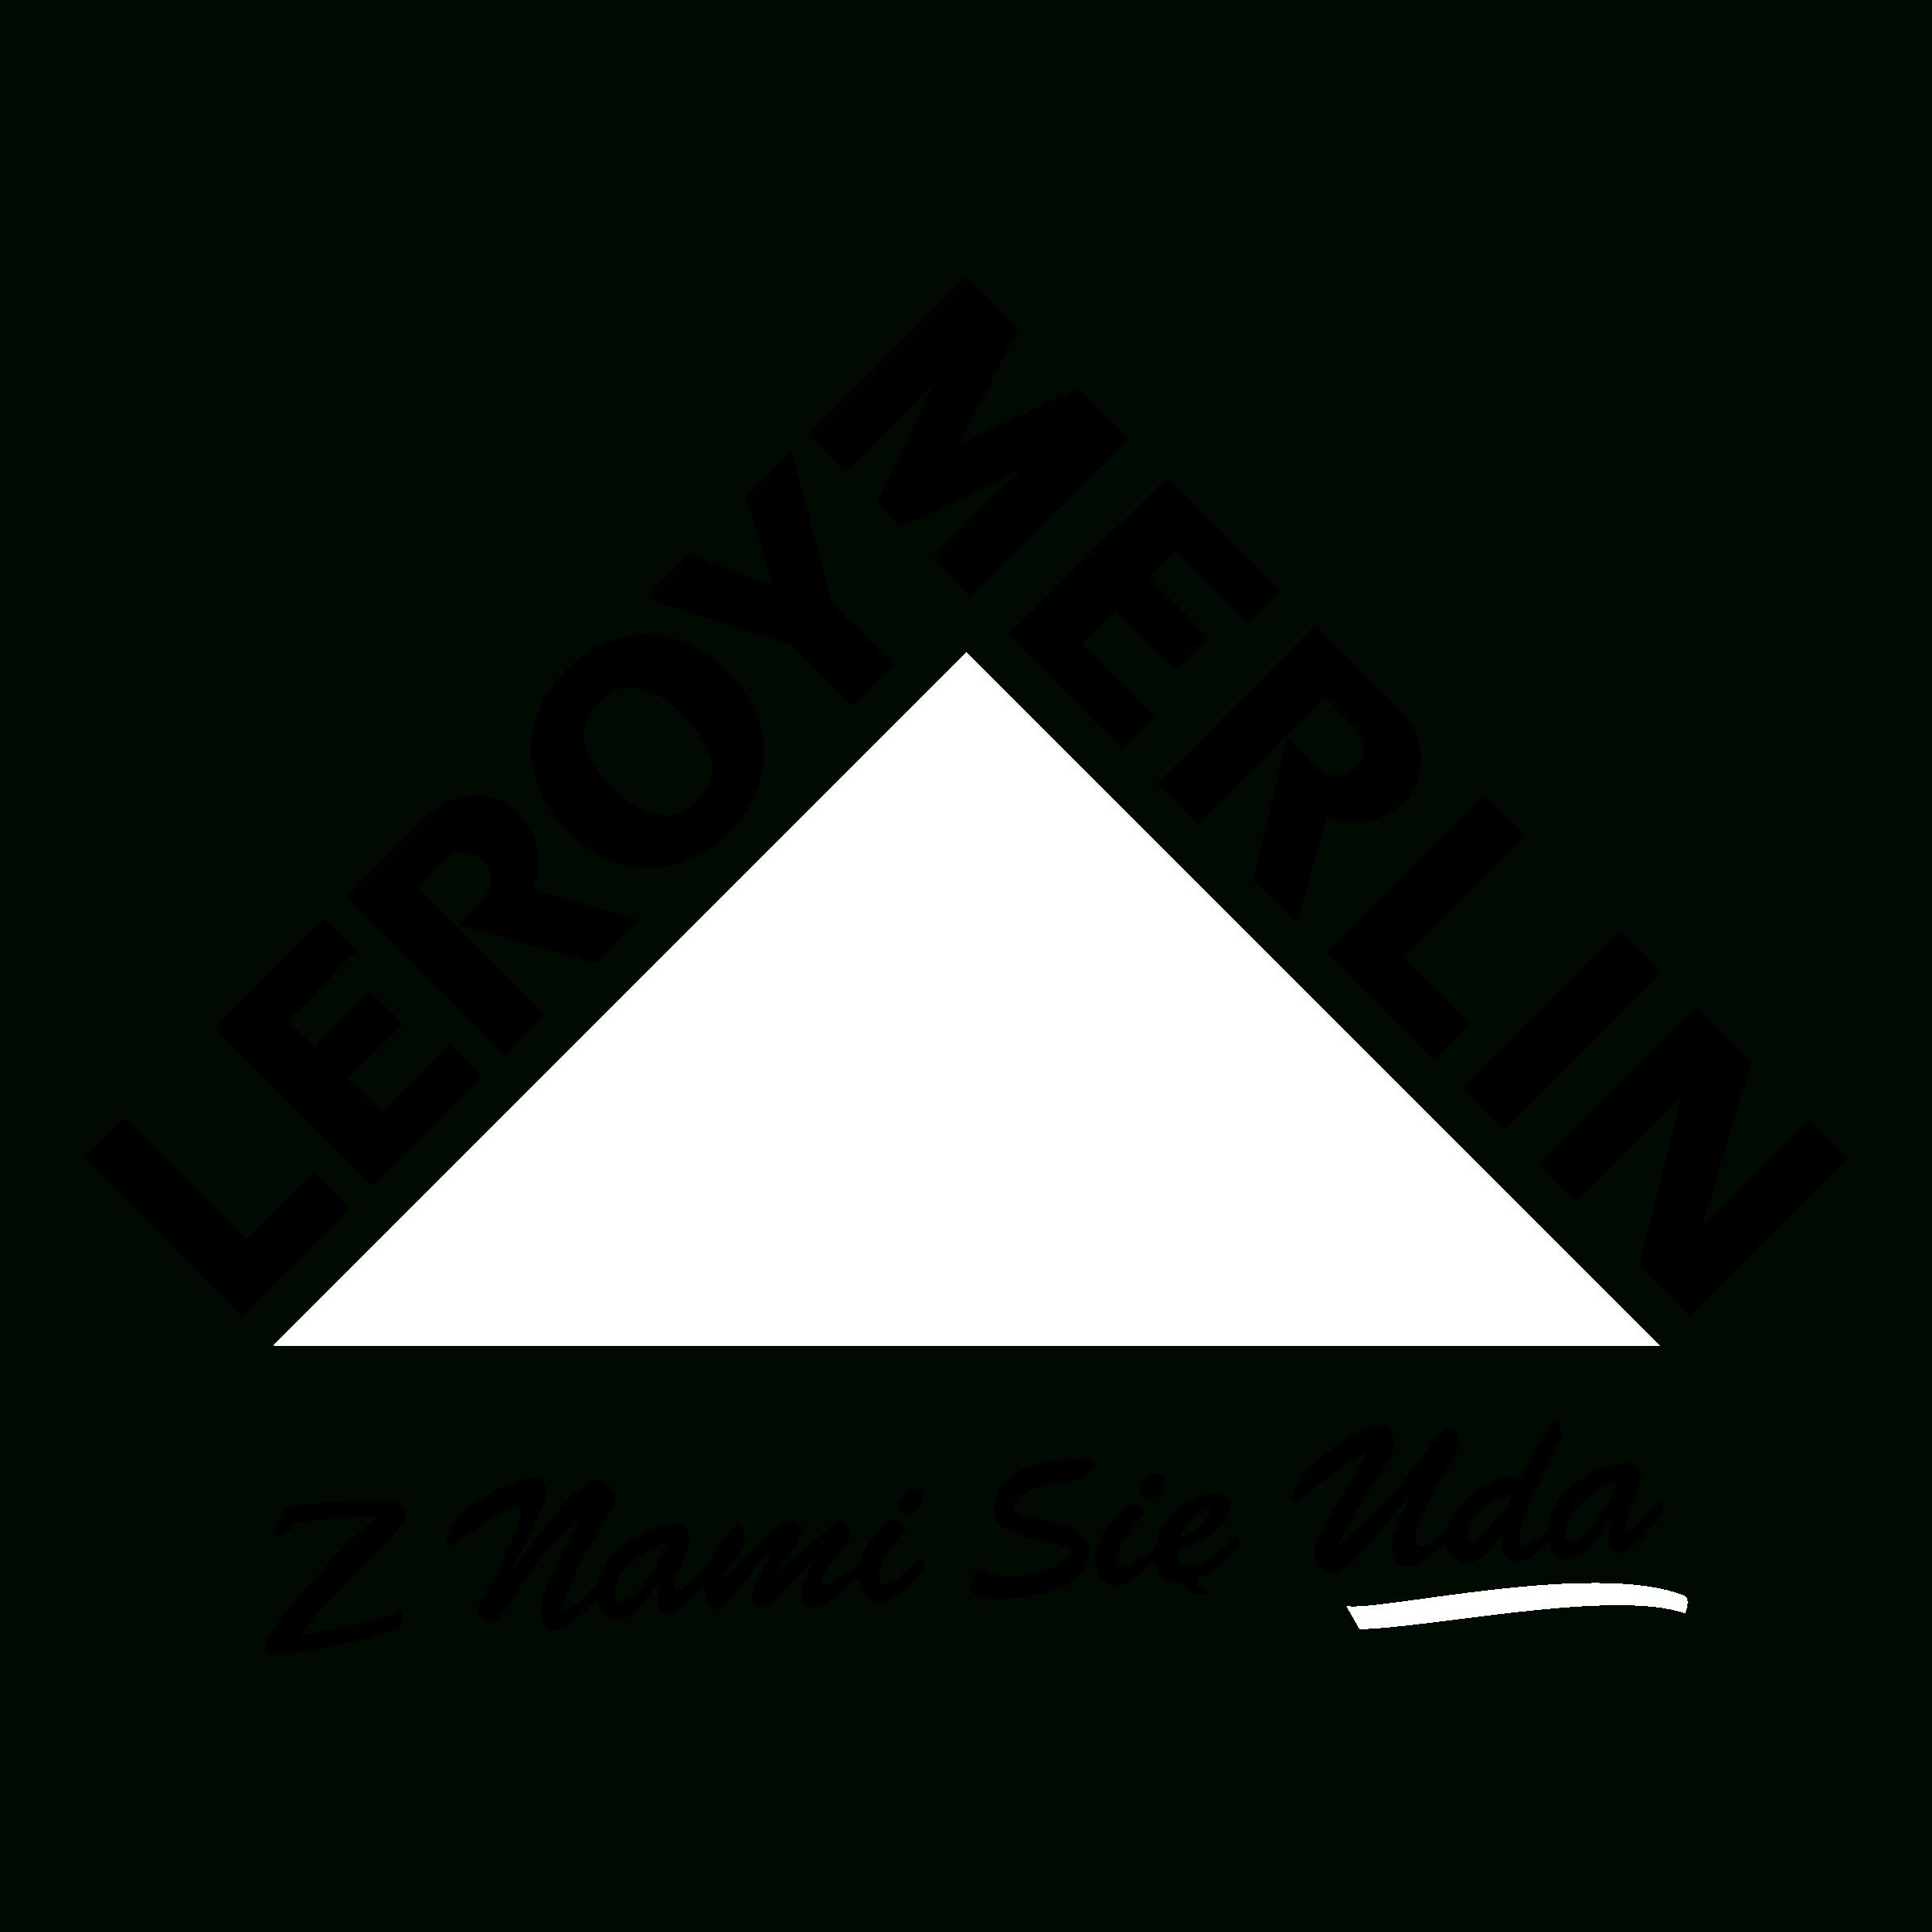 Leroy Merlin Logo Png Transparent & Svg Vector - Freebie ... dedans Tube Transparent Rigide Leroy Merlin